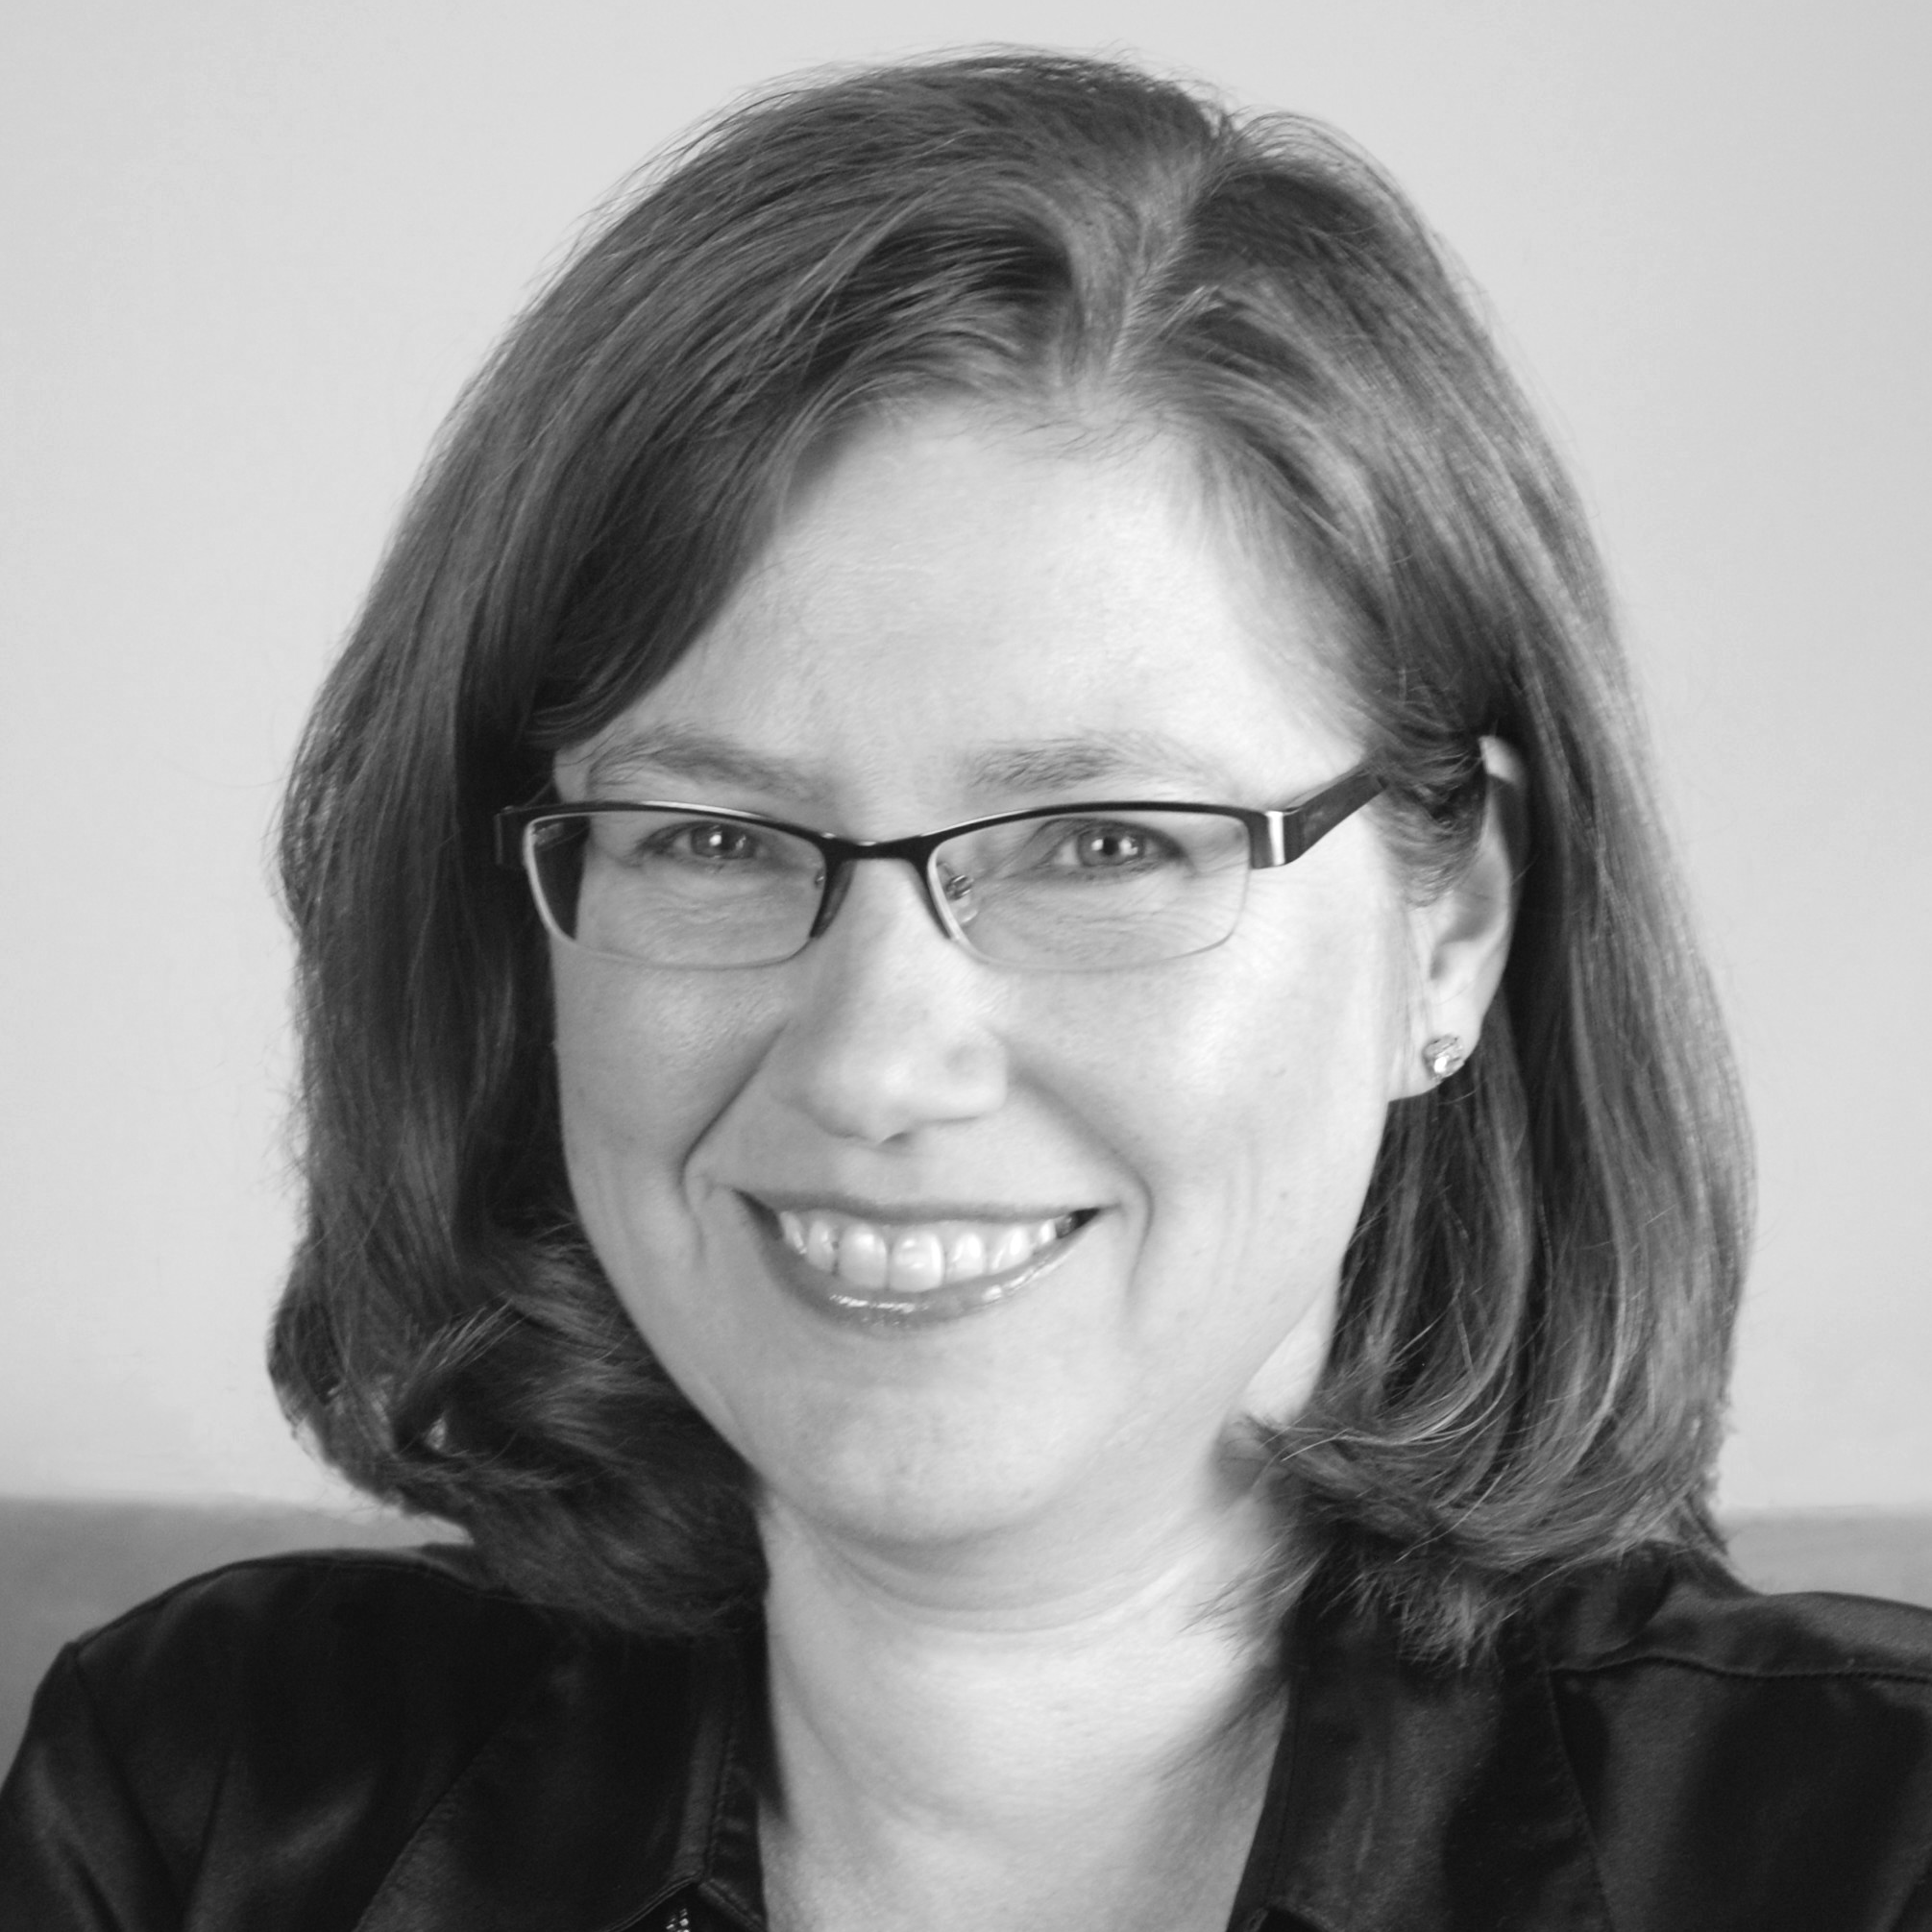 Lianne Tibben